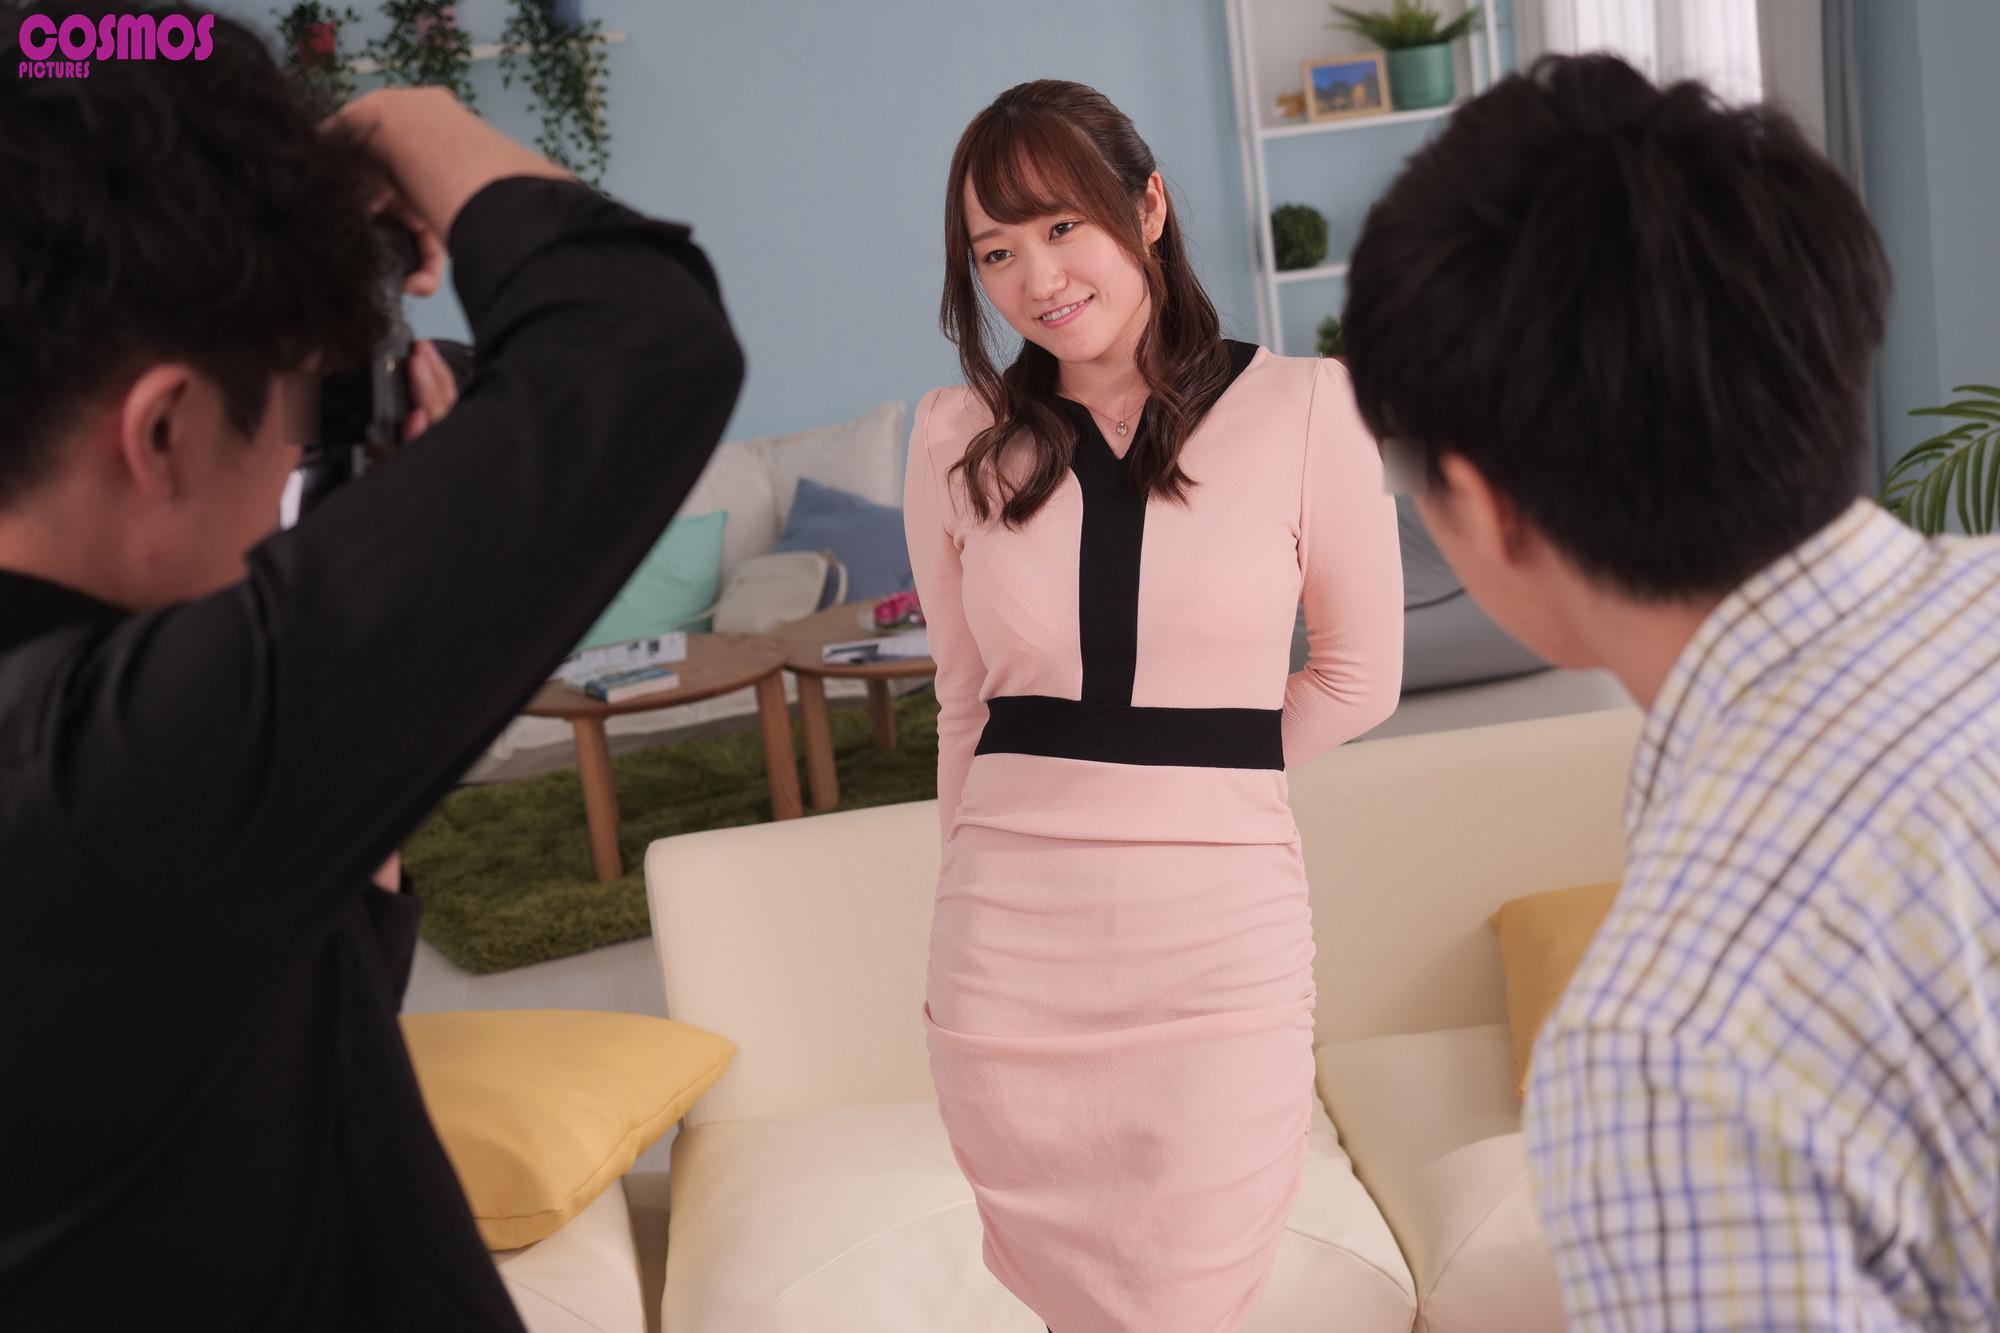 寝取らせ検証『妻を綺麗に撮りたい』プライベートカメラレッスンでマイクロビキニを着せた巨乳妻と講師を2人きりにしたら・・・SEXしてしまうのか?